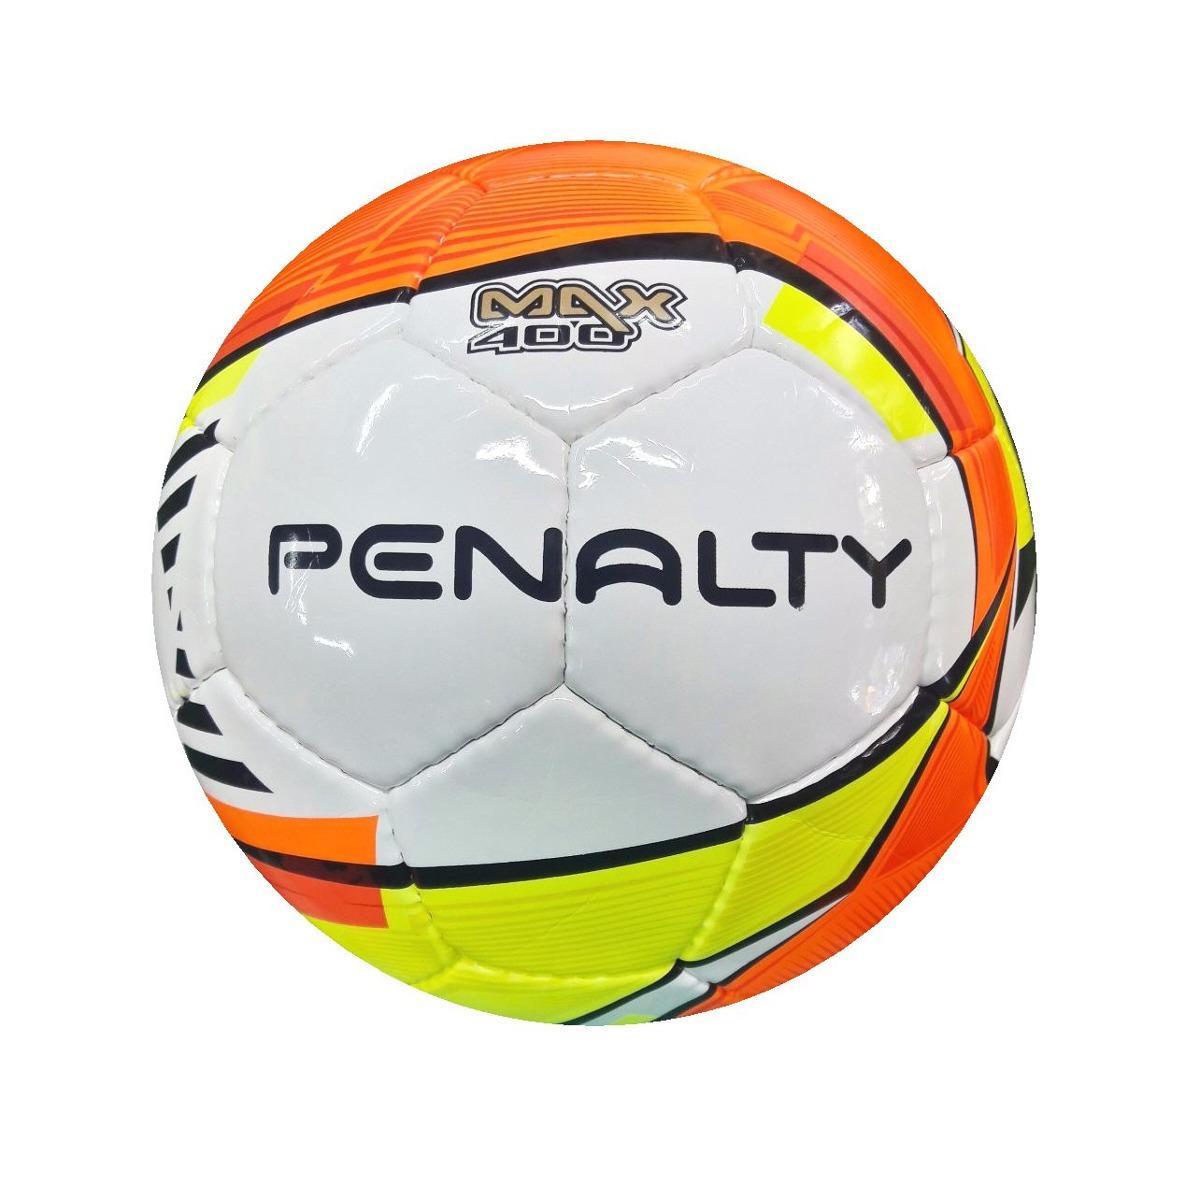 pelota penalty max 400 futsal papi. Cargando zoom. 3ec7cb877348c